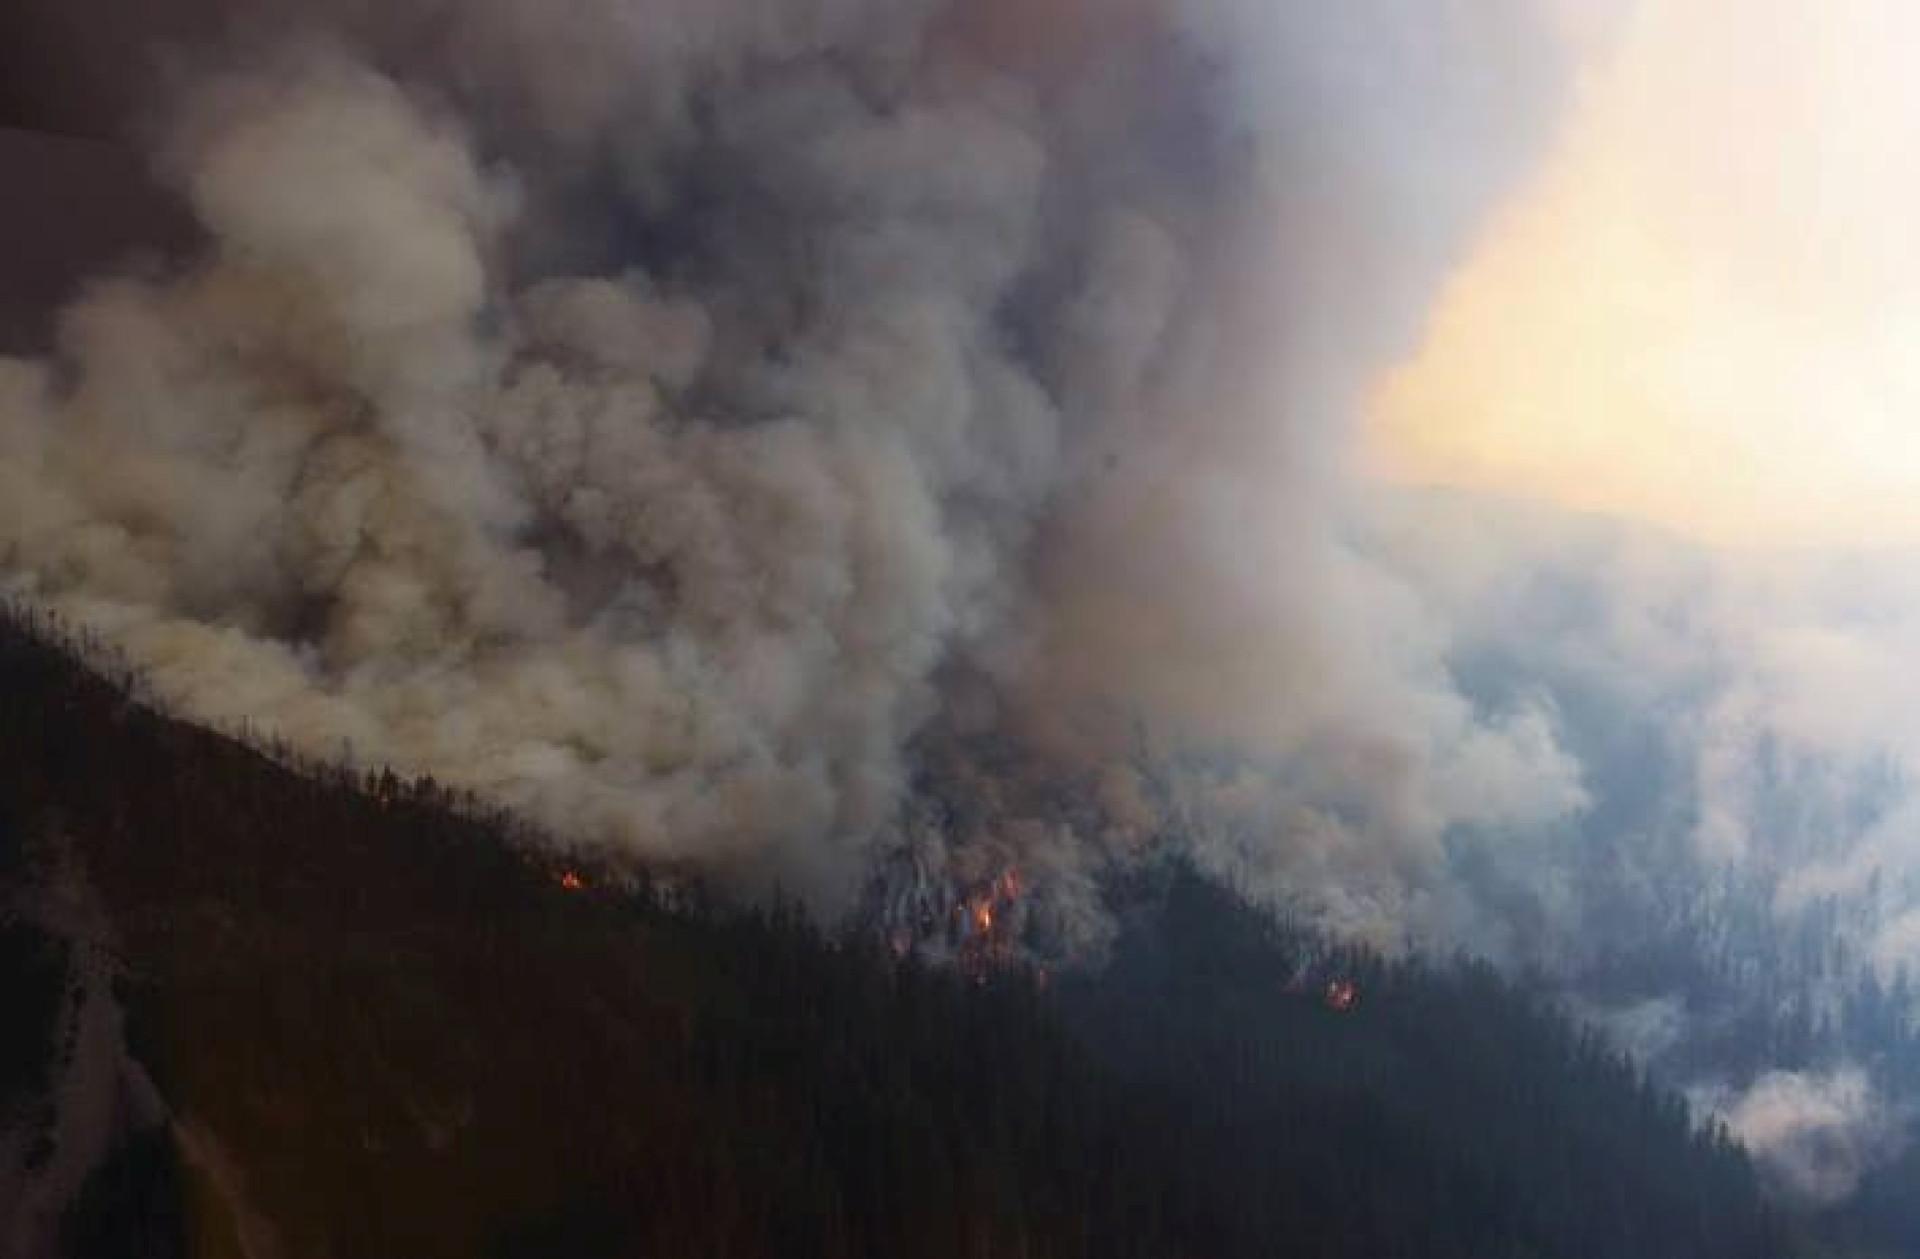 Multa de 36 milhões de dólares para adolescente que iniciou incêndio